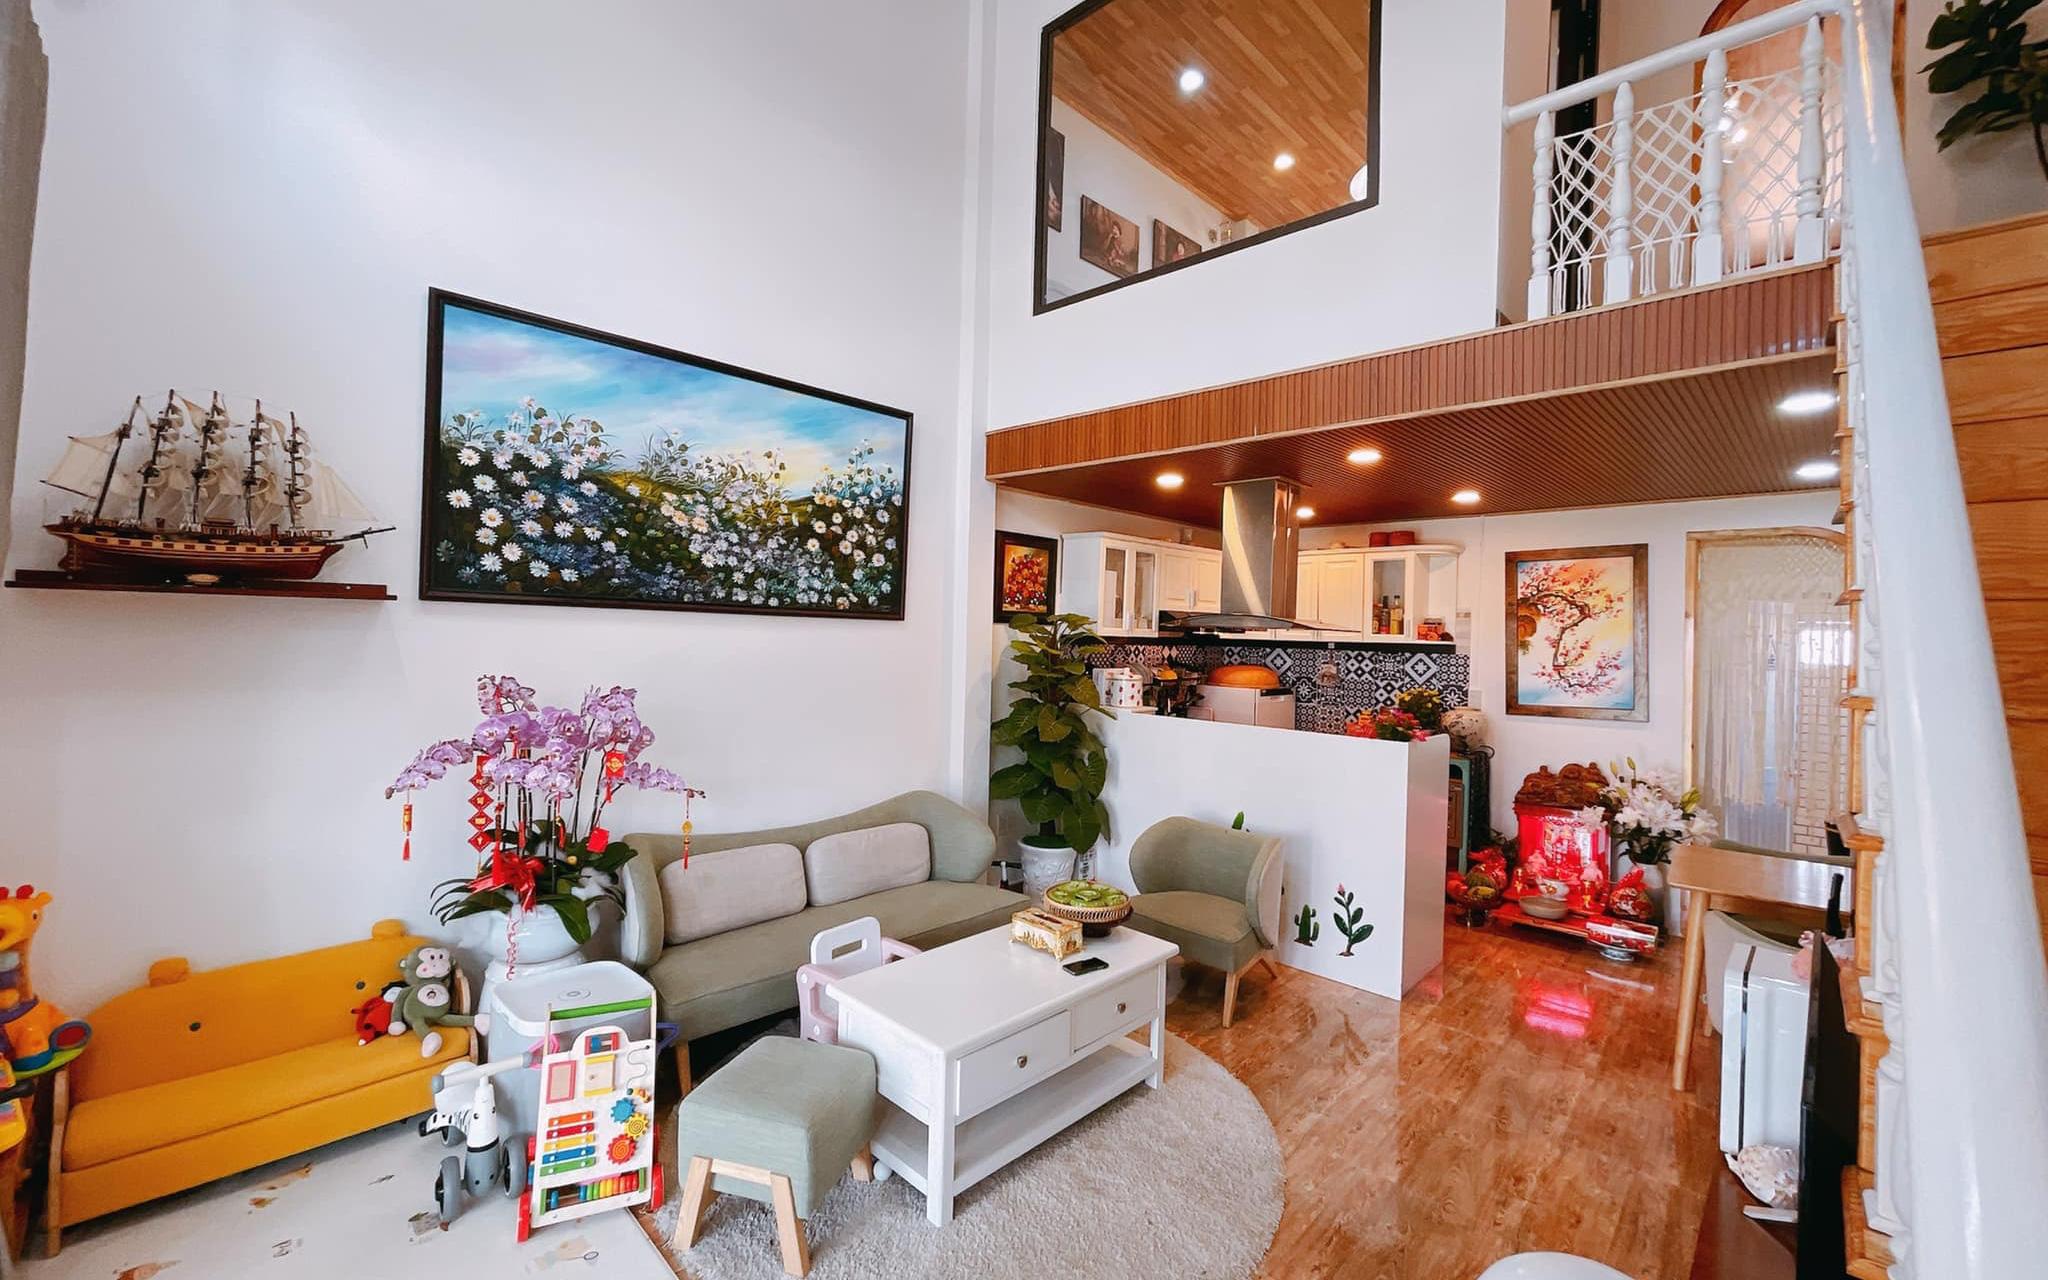 Mua lại căn nhà 63m², cặp vợ chồng trẻ cải tạo thành không gian sống ấm cúng, tiện nghi ở Đà Lạt